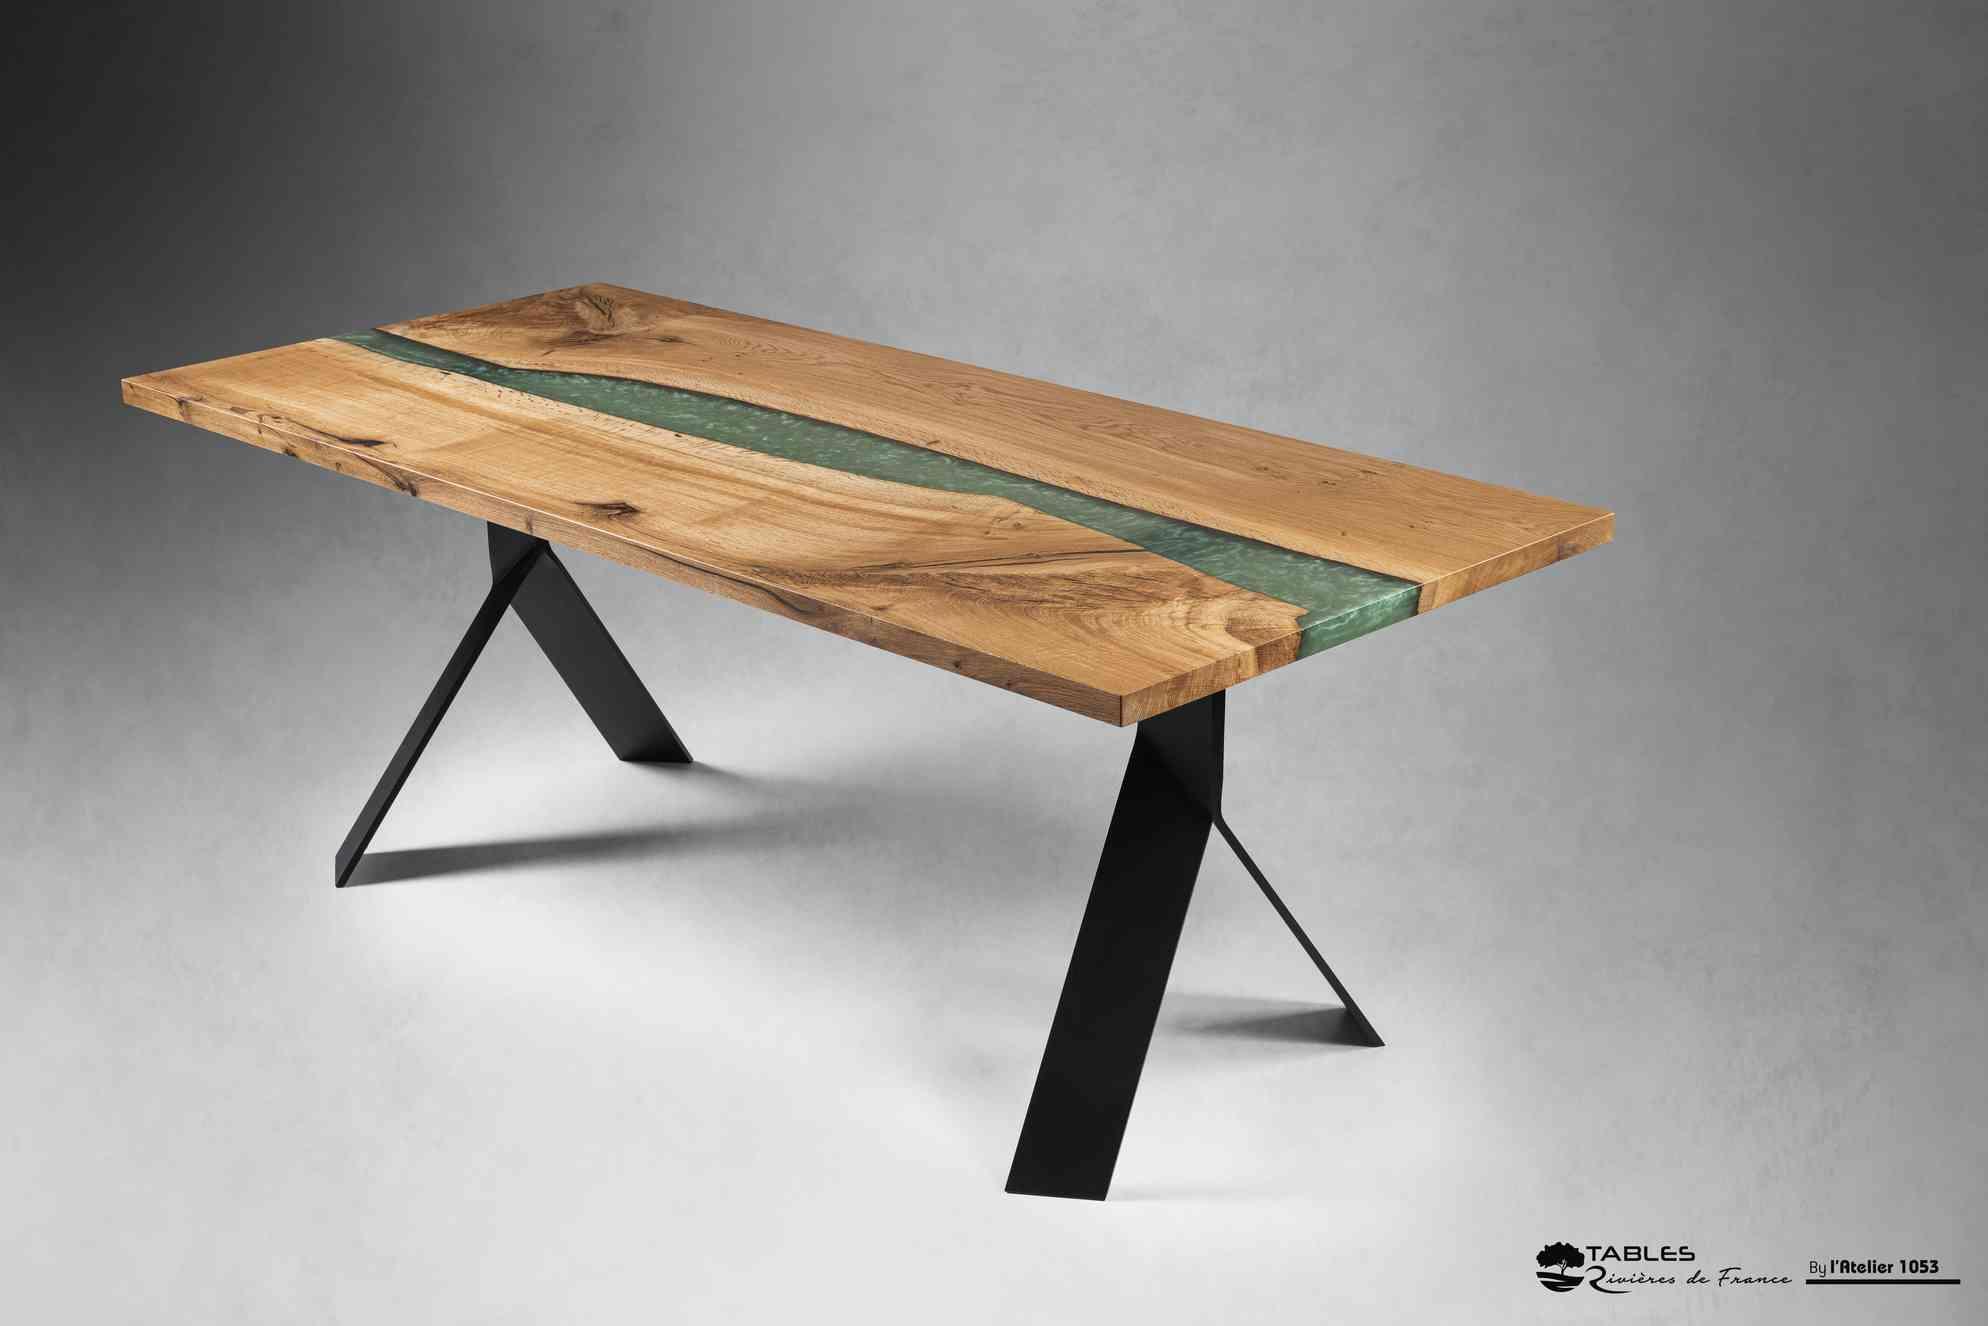 TABLE 2 5 1 - L'Atelier 1053